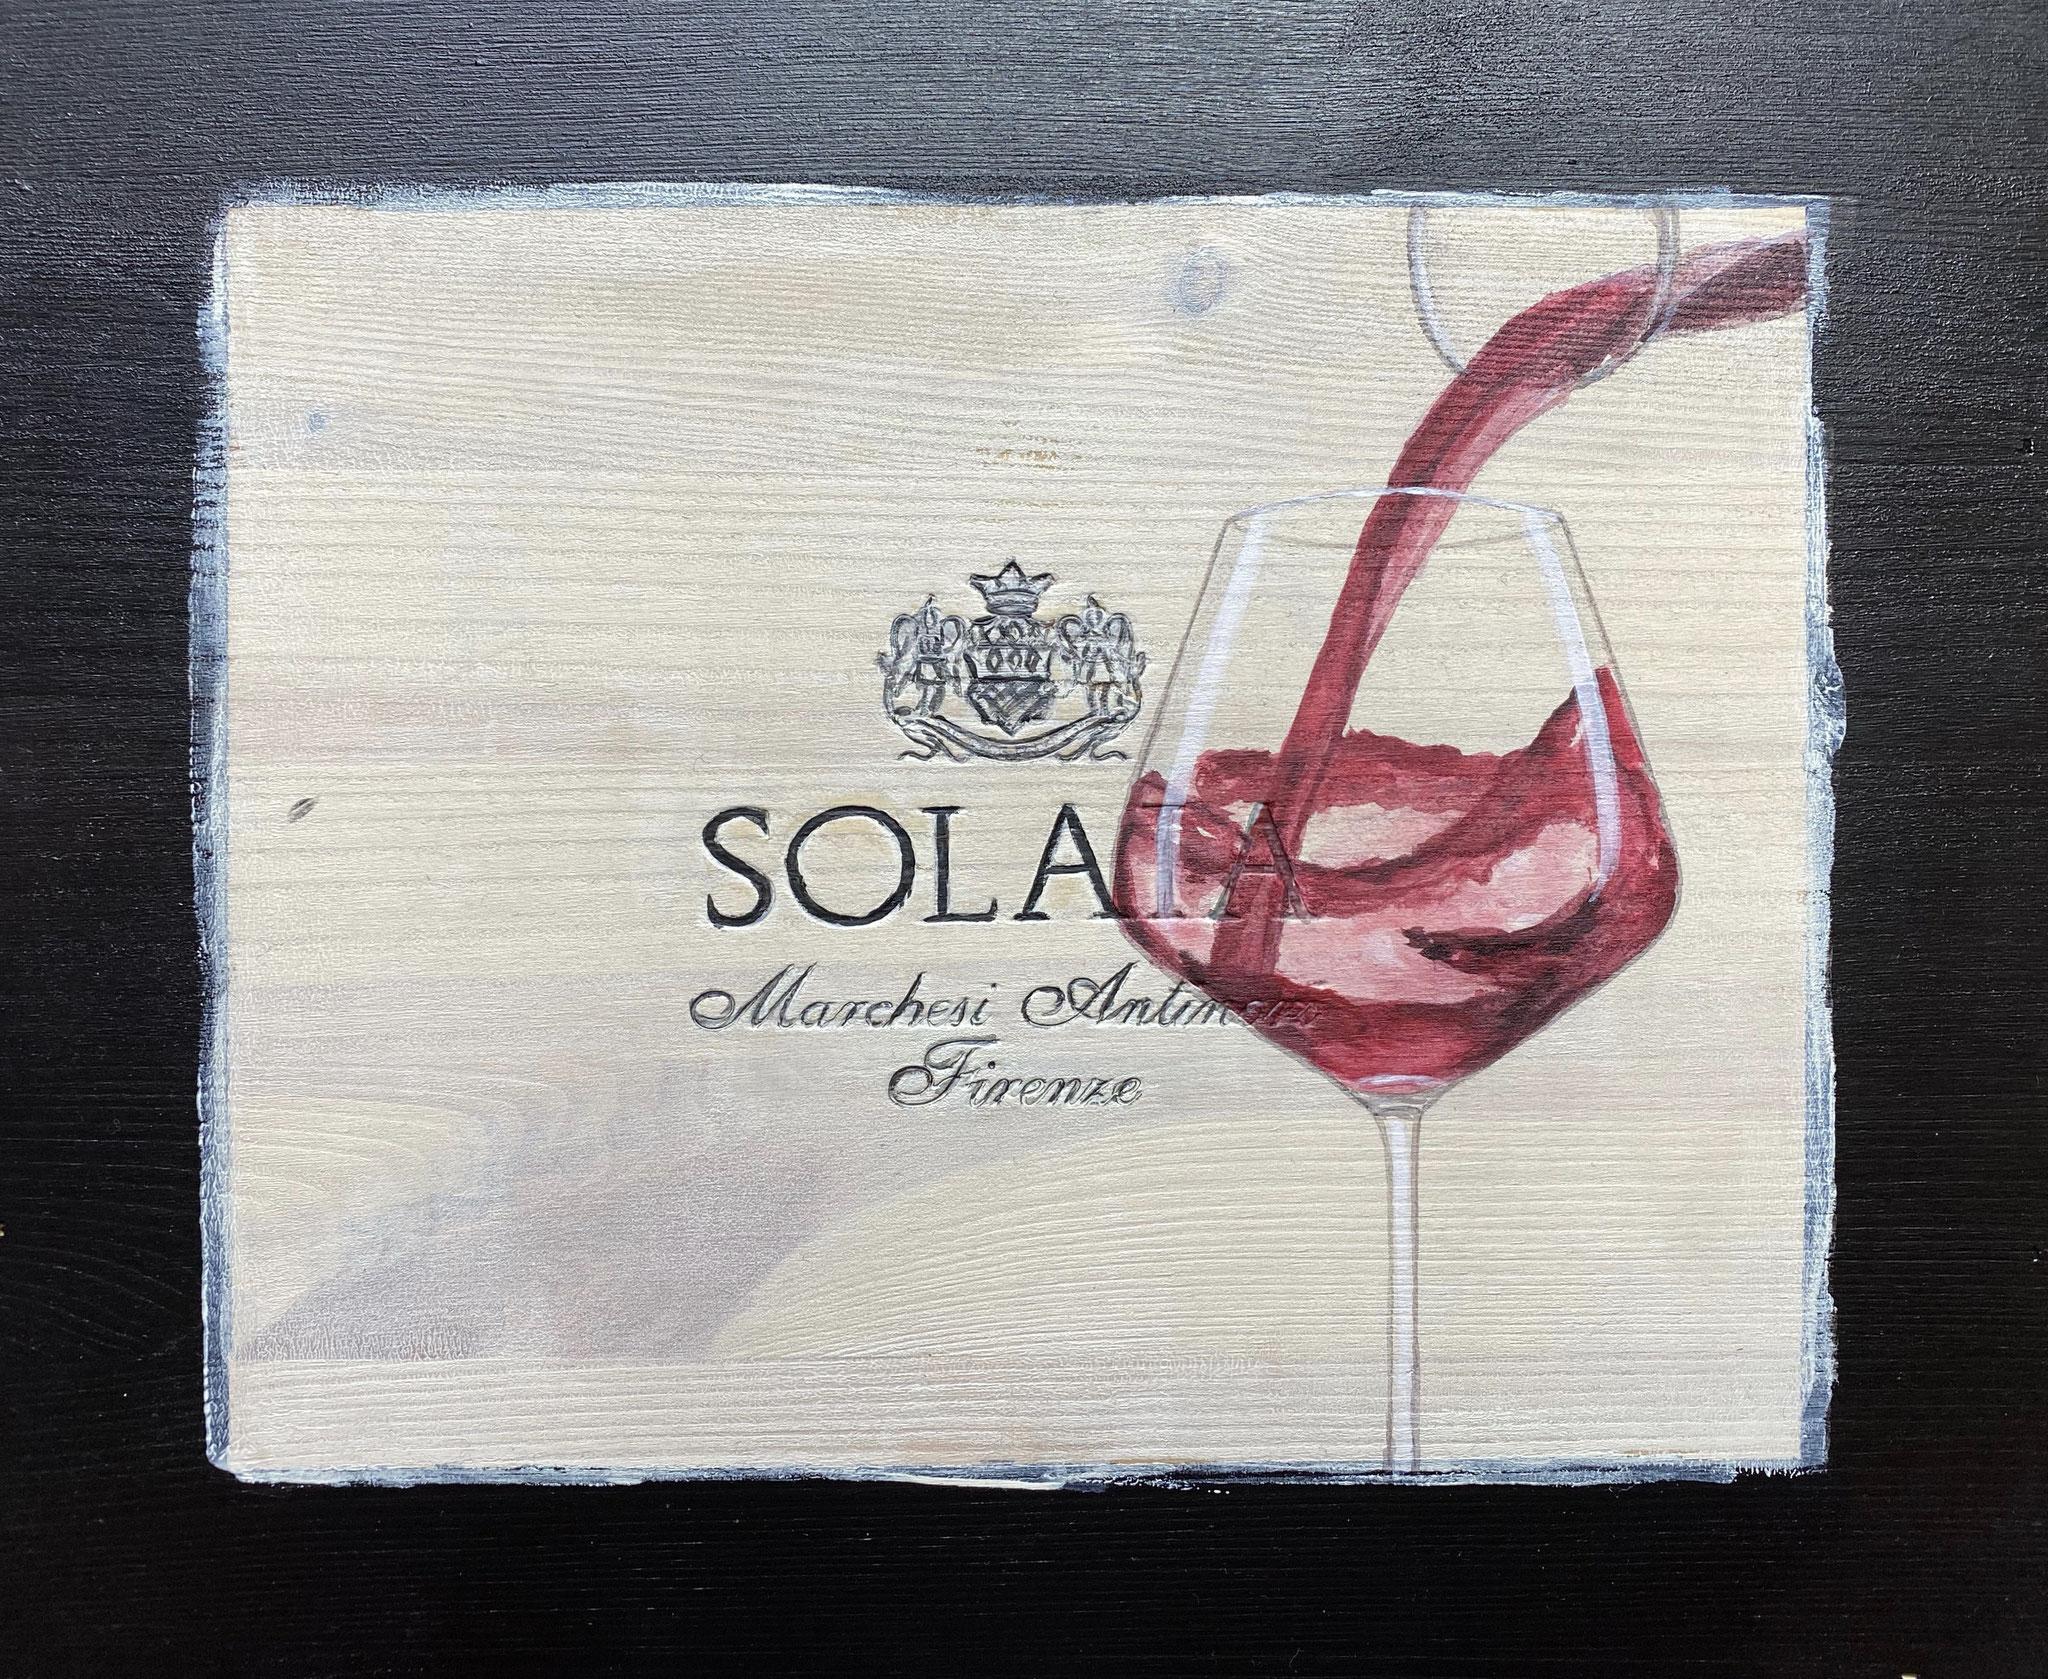 Solaia